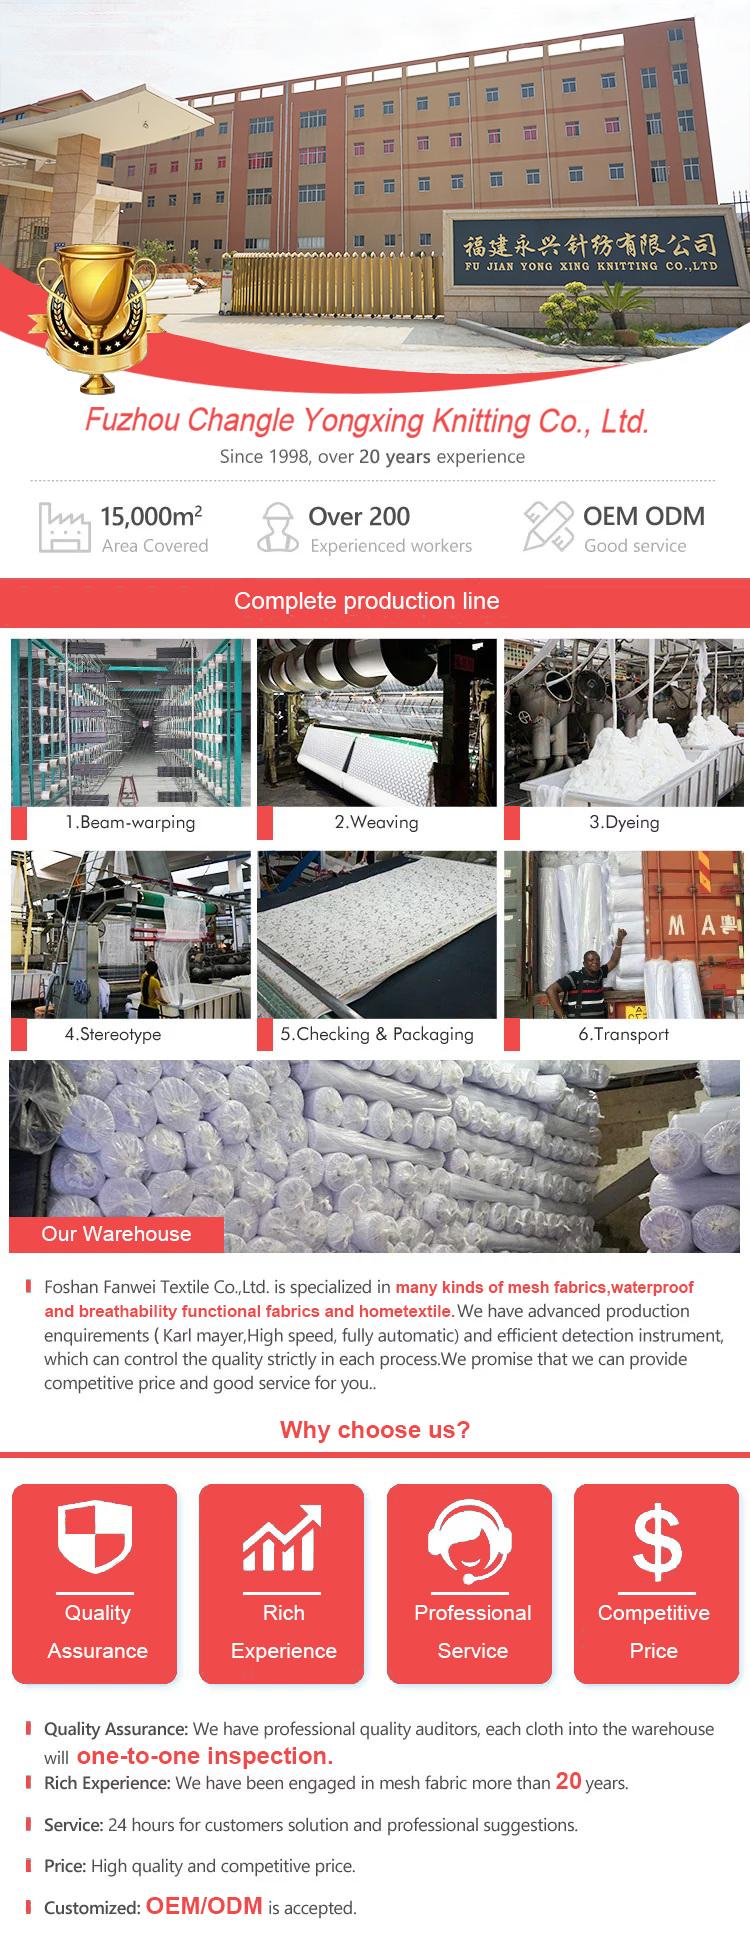 Bé Lều Lều Muỗi Net Chất Liệu 100% Polyester 20D Lưới Mỹ Net/Polyester Lưới Vải Cho Muỗi Net